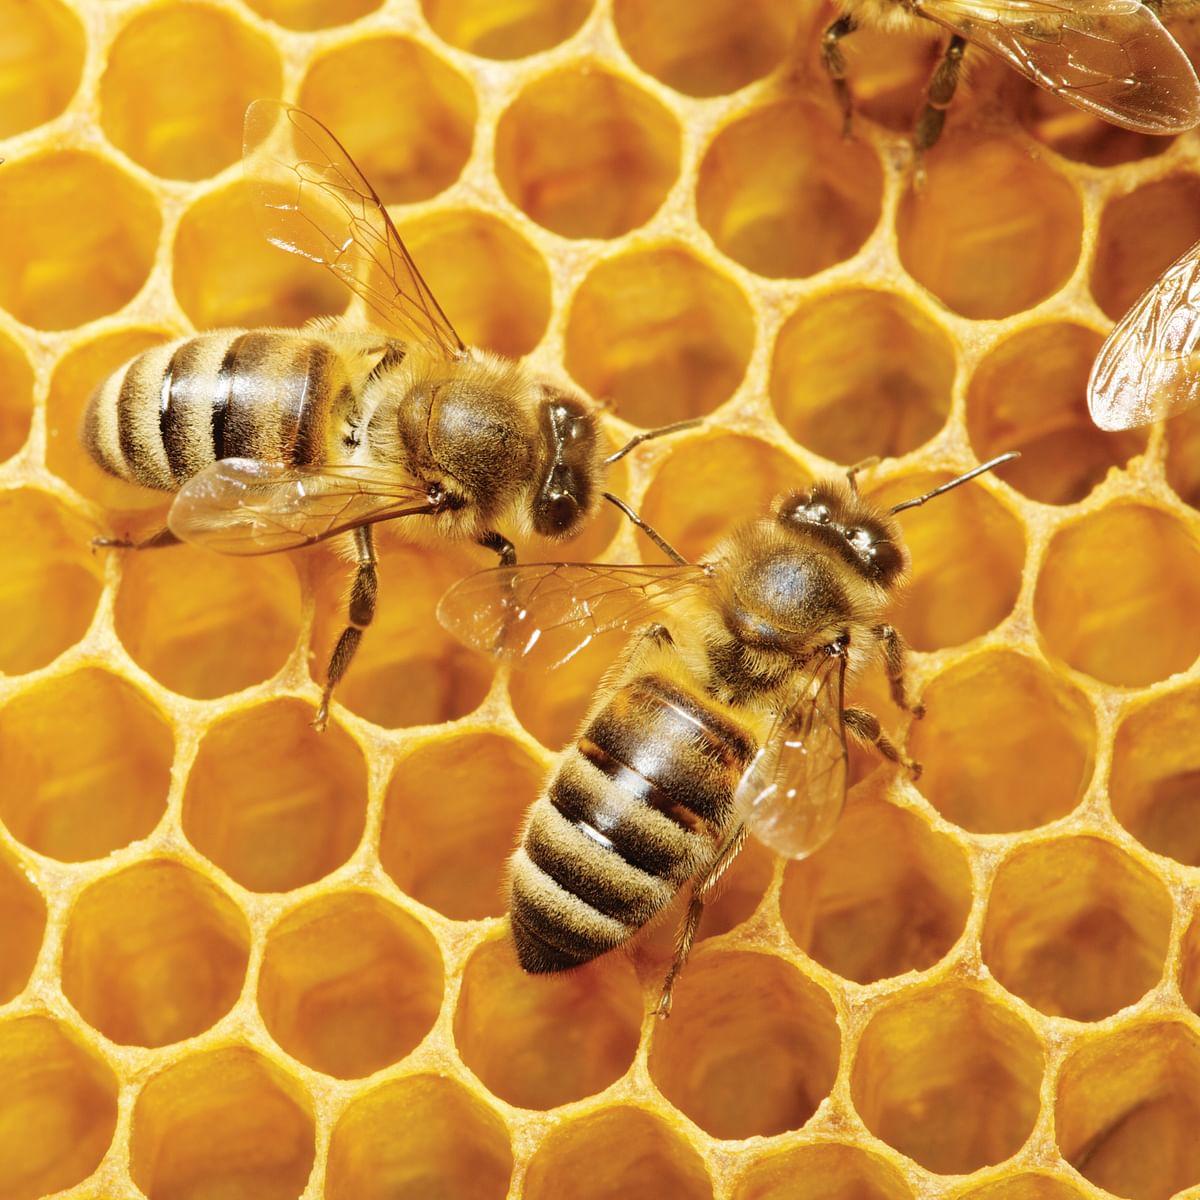 Investigating Phenomena: Why Do Bees Dance?